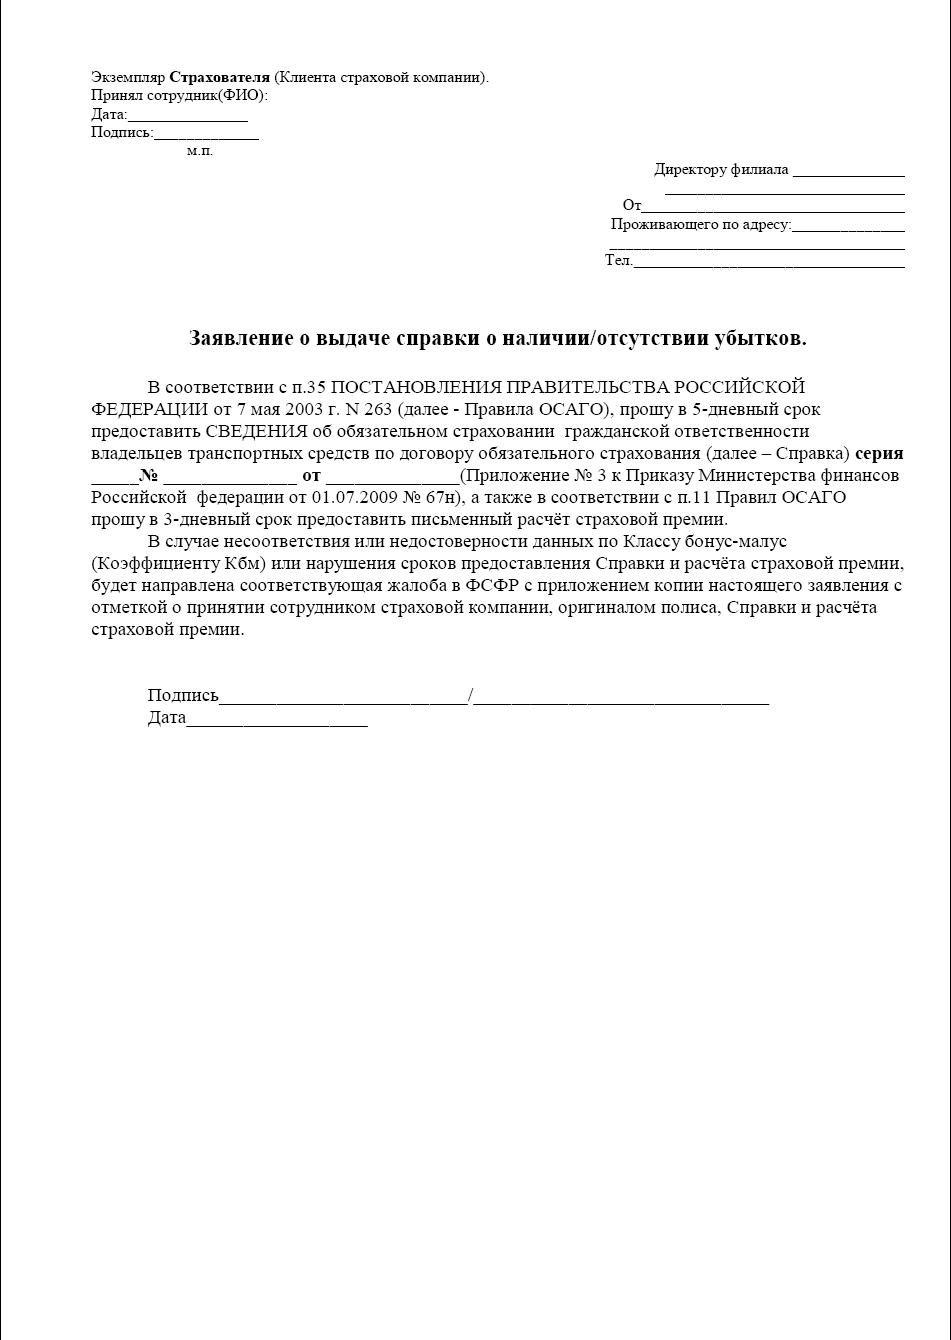 Заявление осаго вск - 53